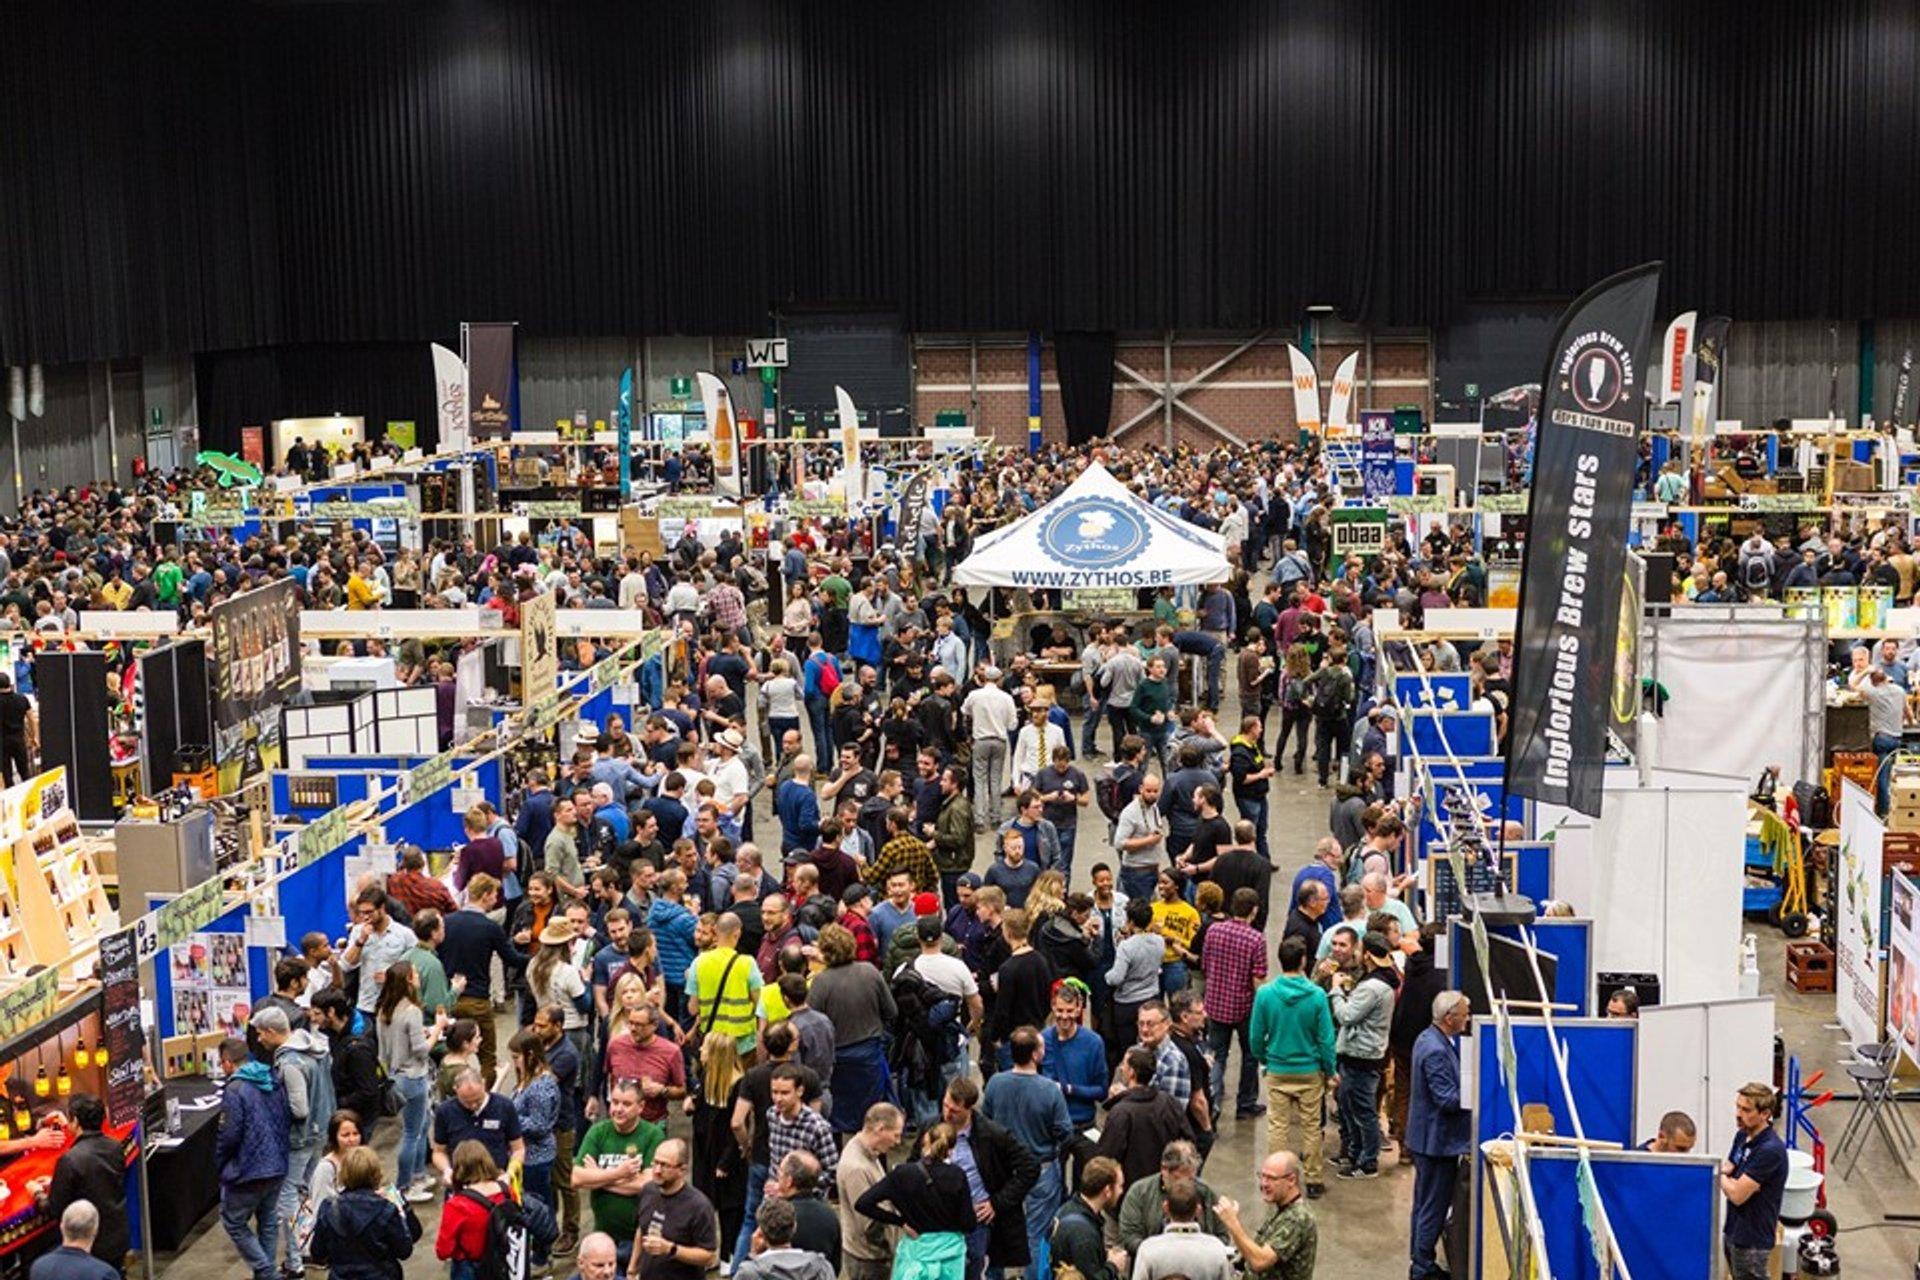 Zythos Beer Festival in Belgium - Best Season 2020